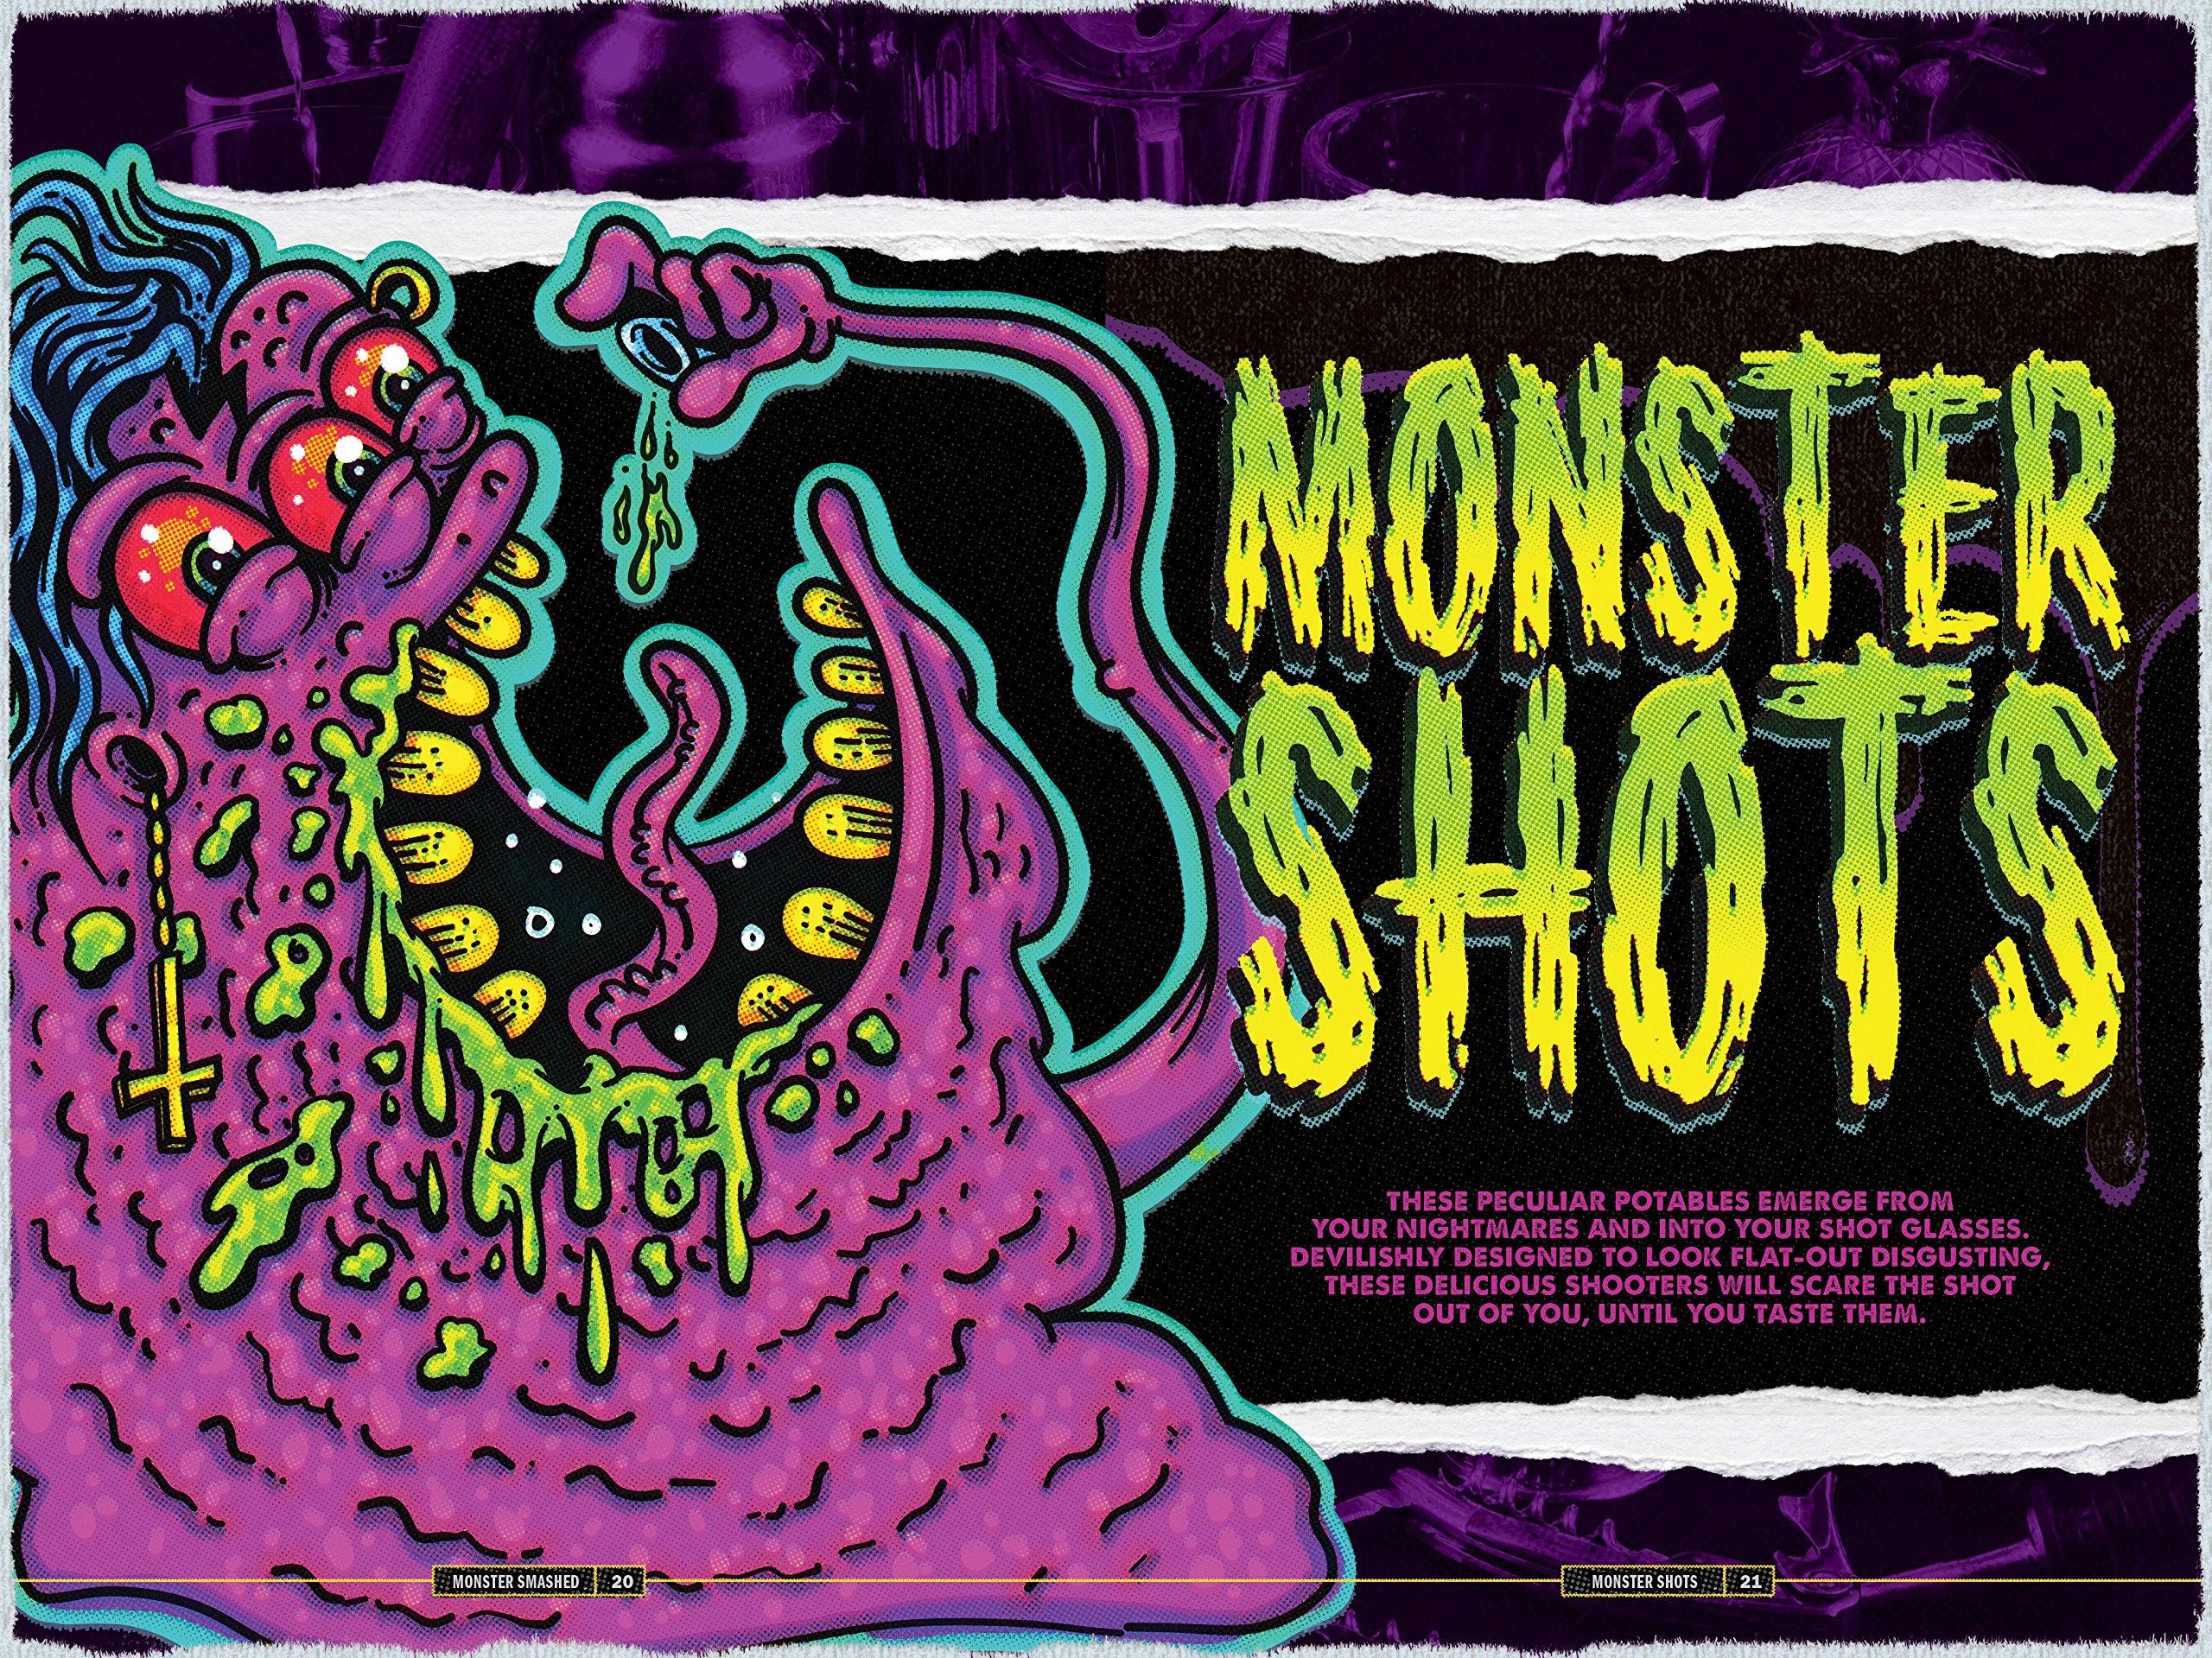 Monster-Smashed-1